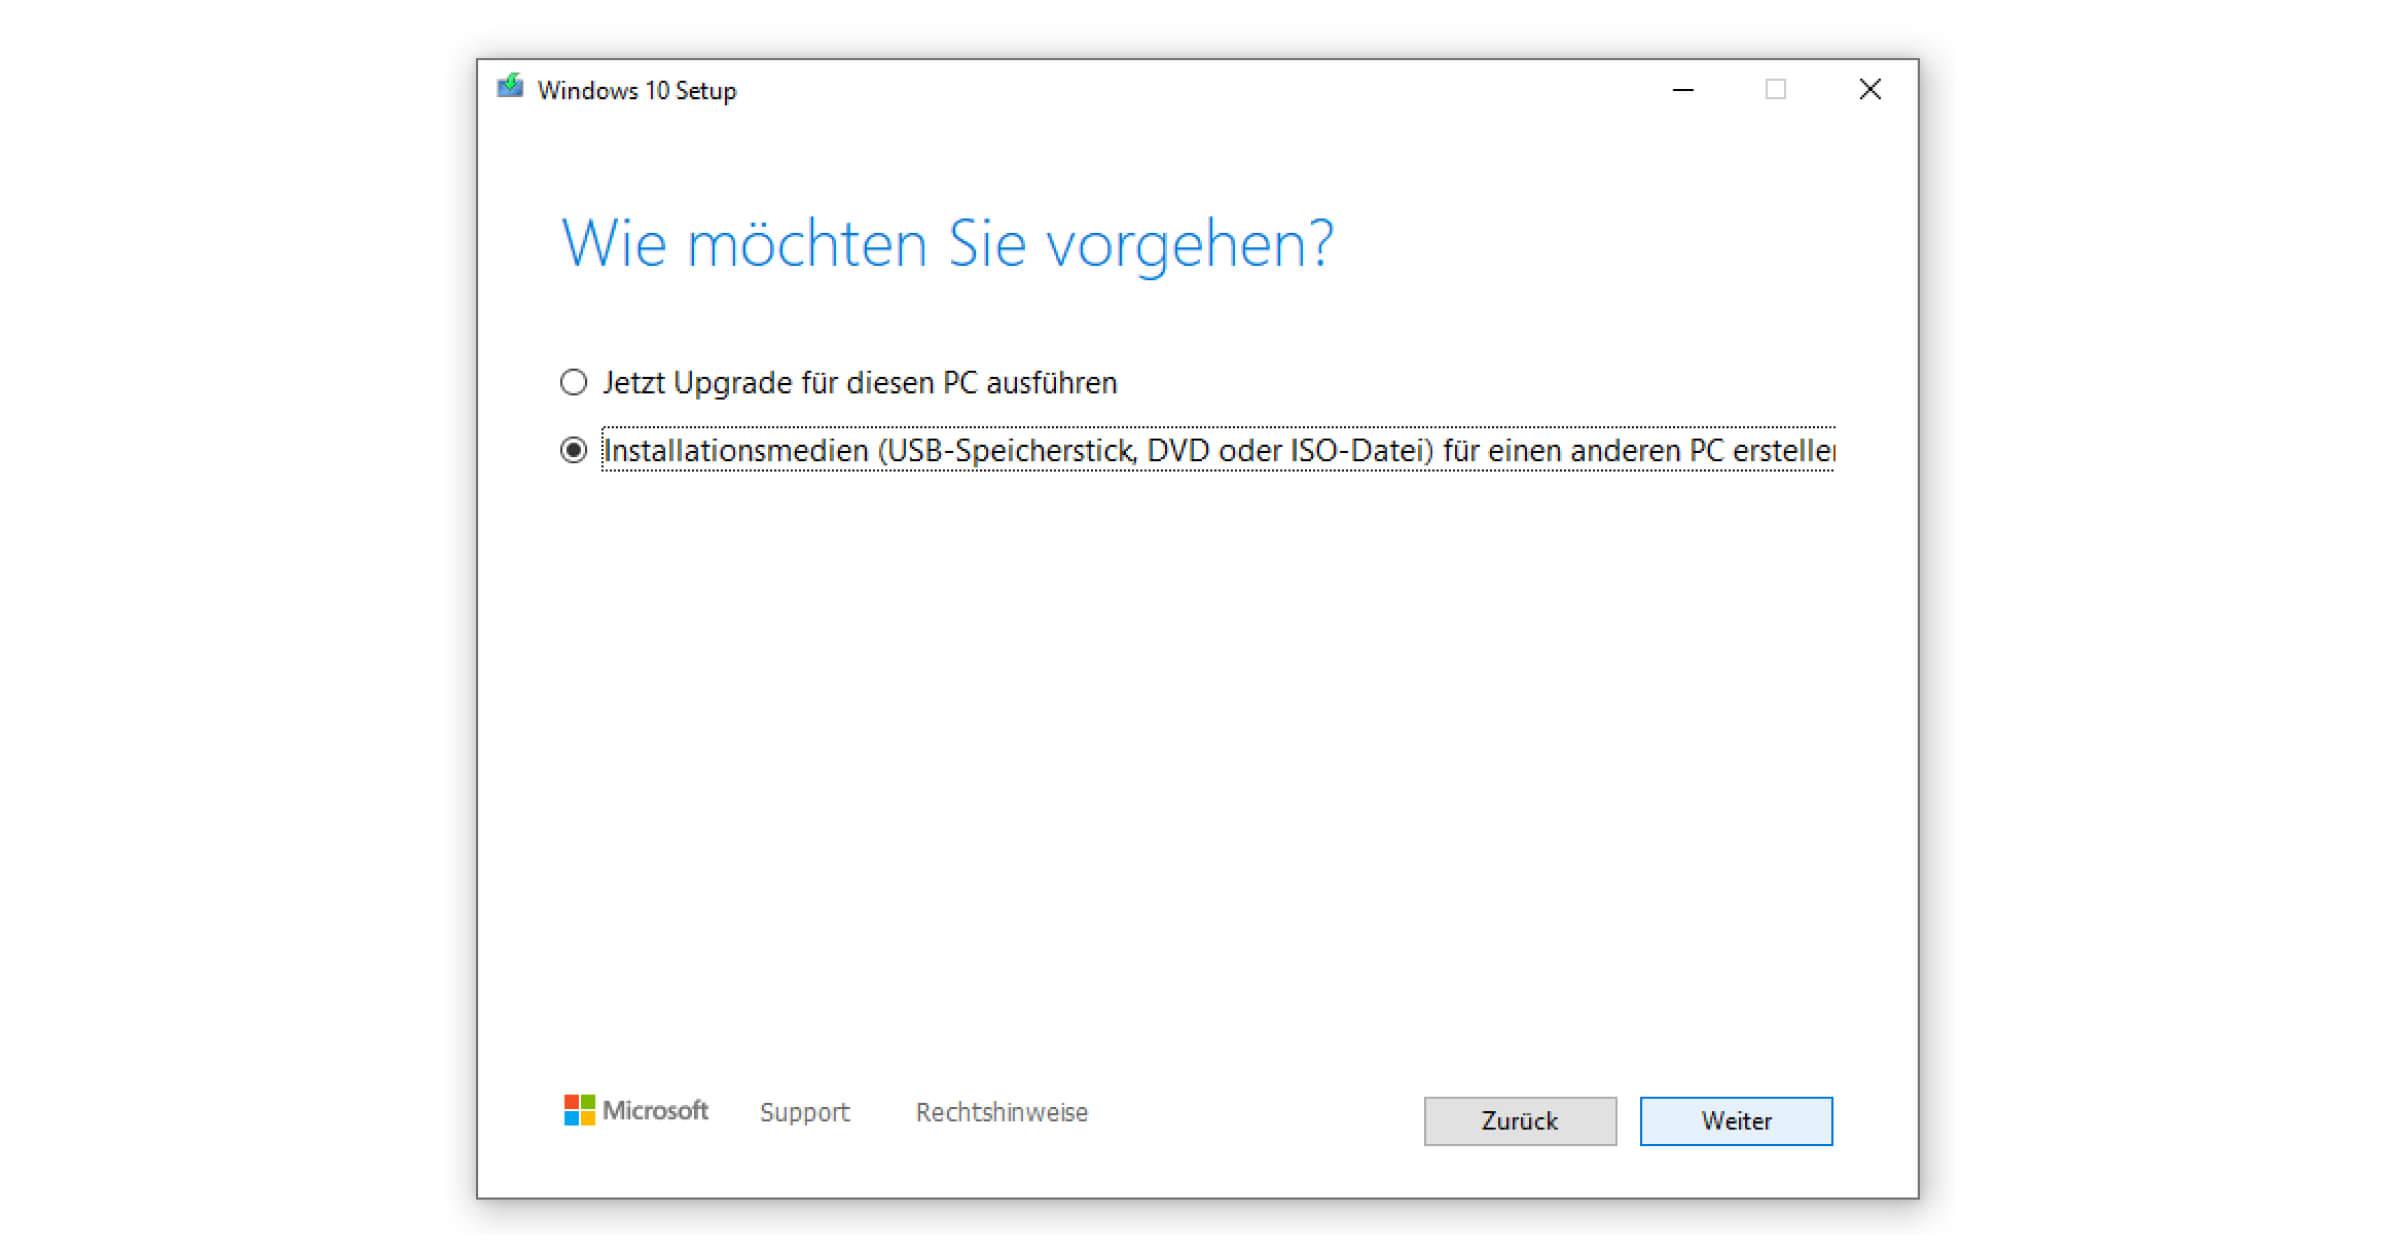 Das Upgrade von Windows 10 behandeln wir an anderer Stelle